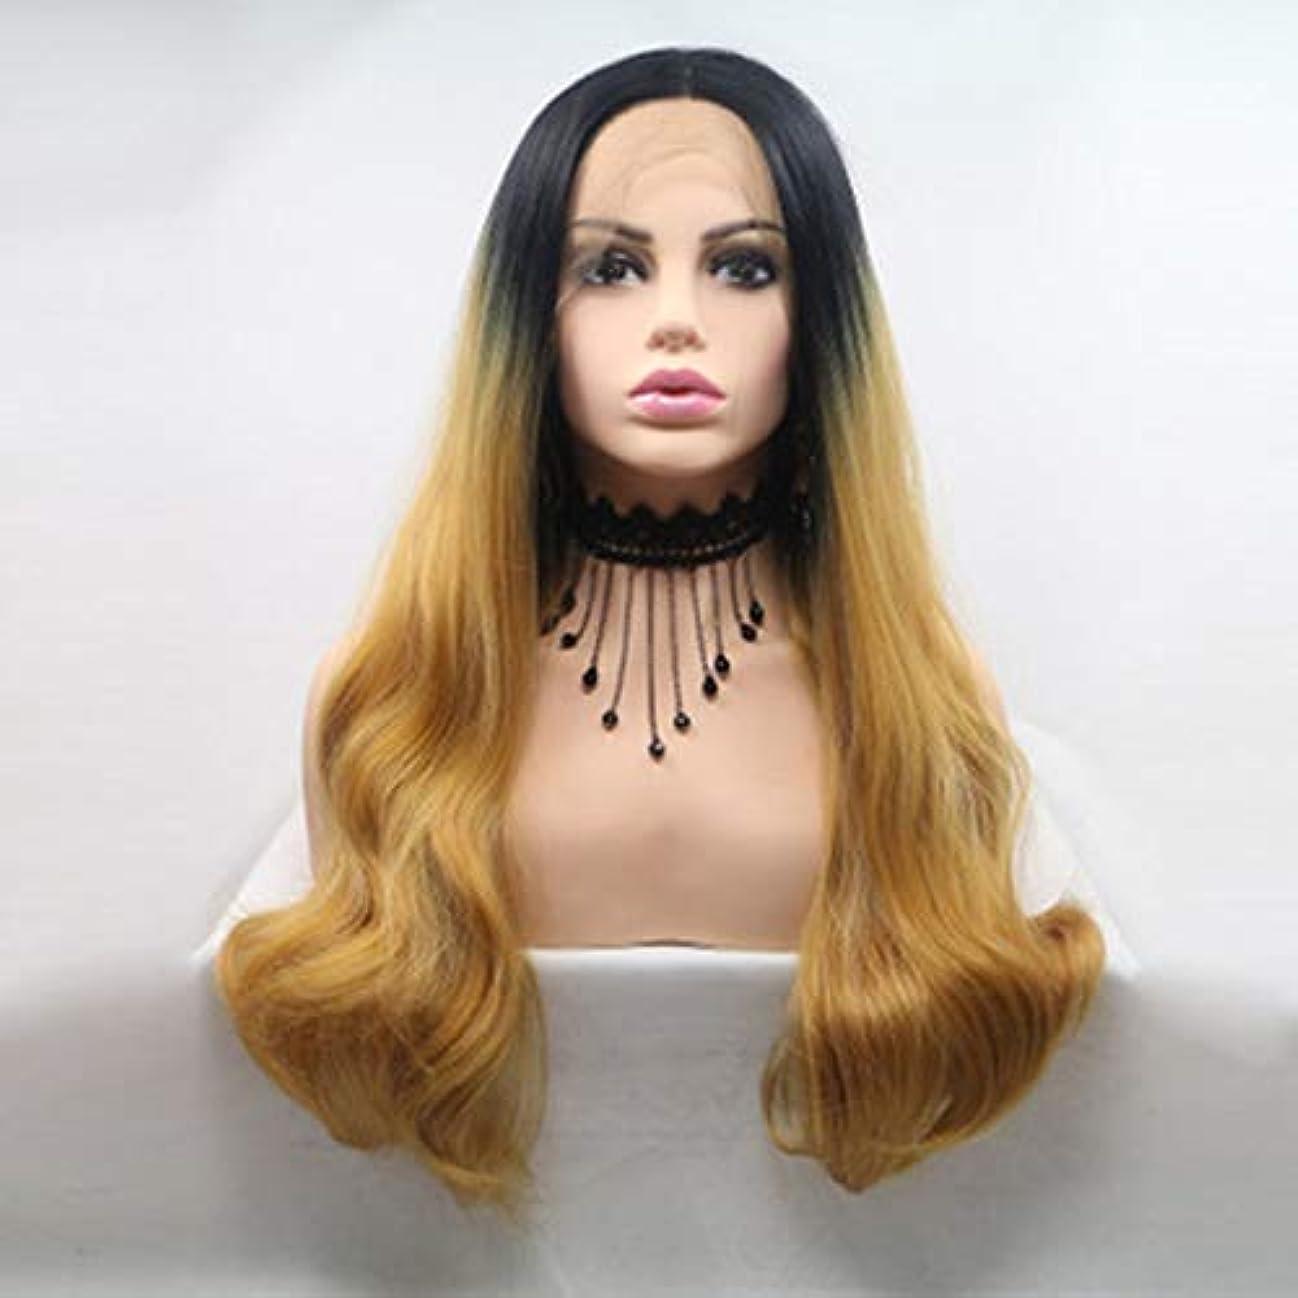 コークス保守可能戻るヘアピース 女性ミディアムゴールデンロングカーリーヘアー化学繊維自然髪かつら